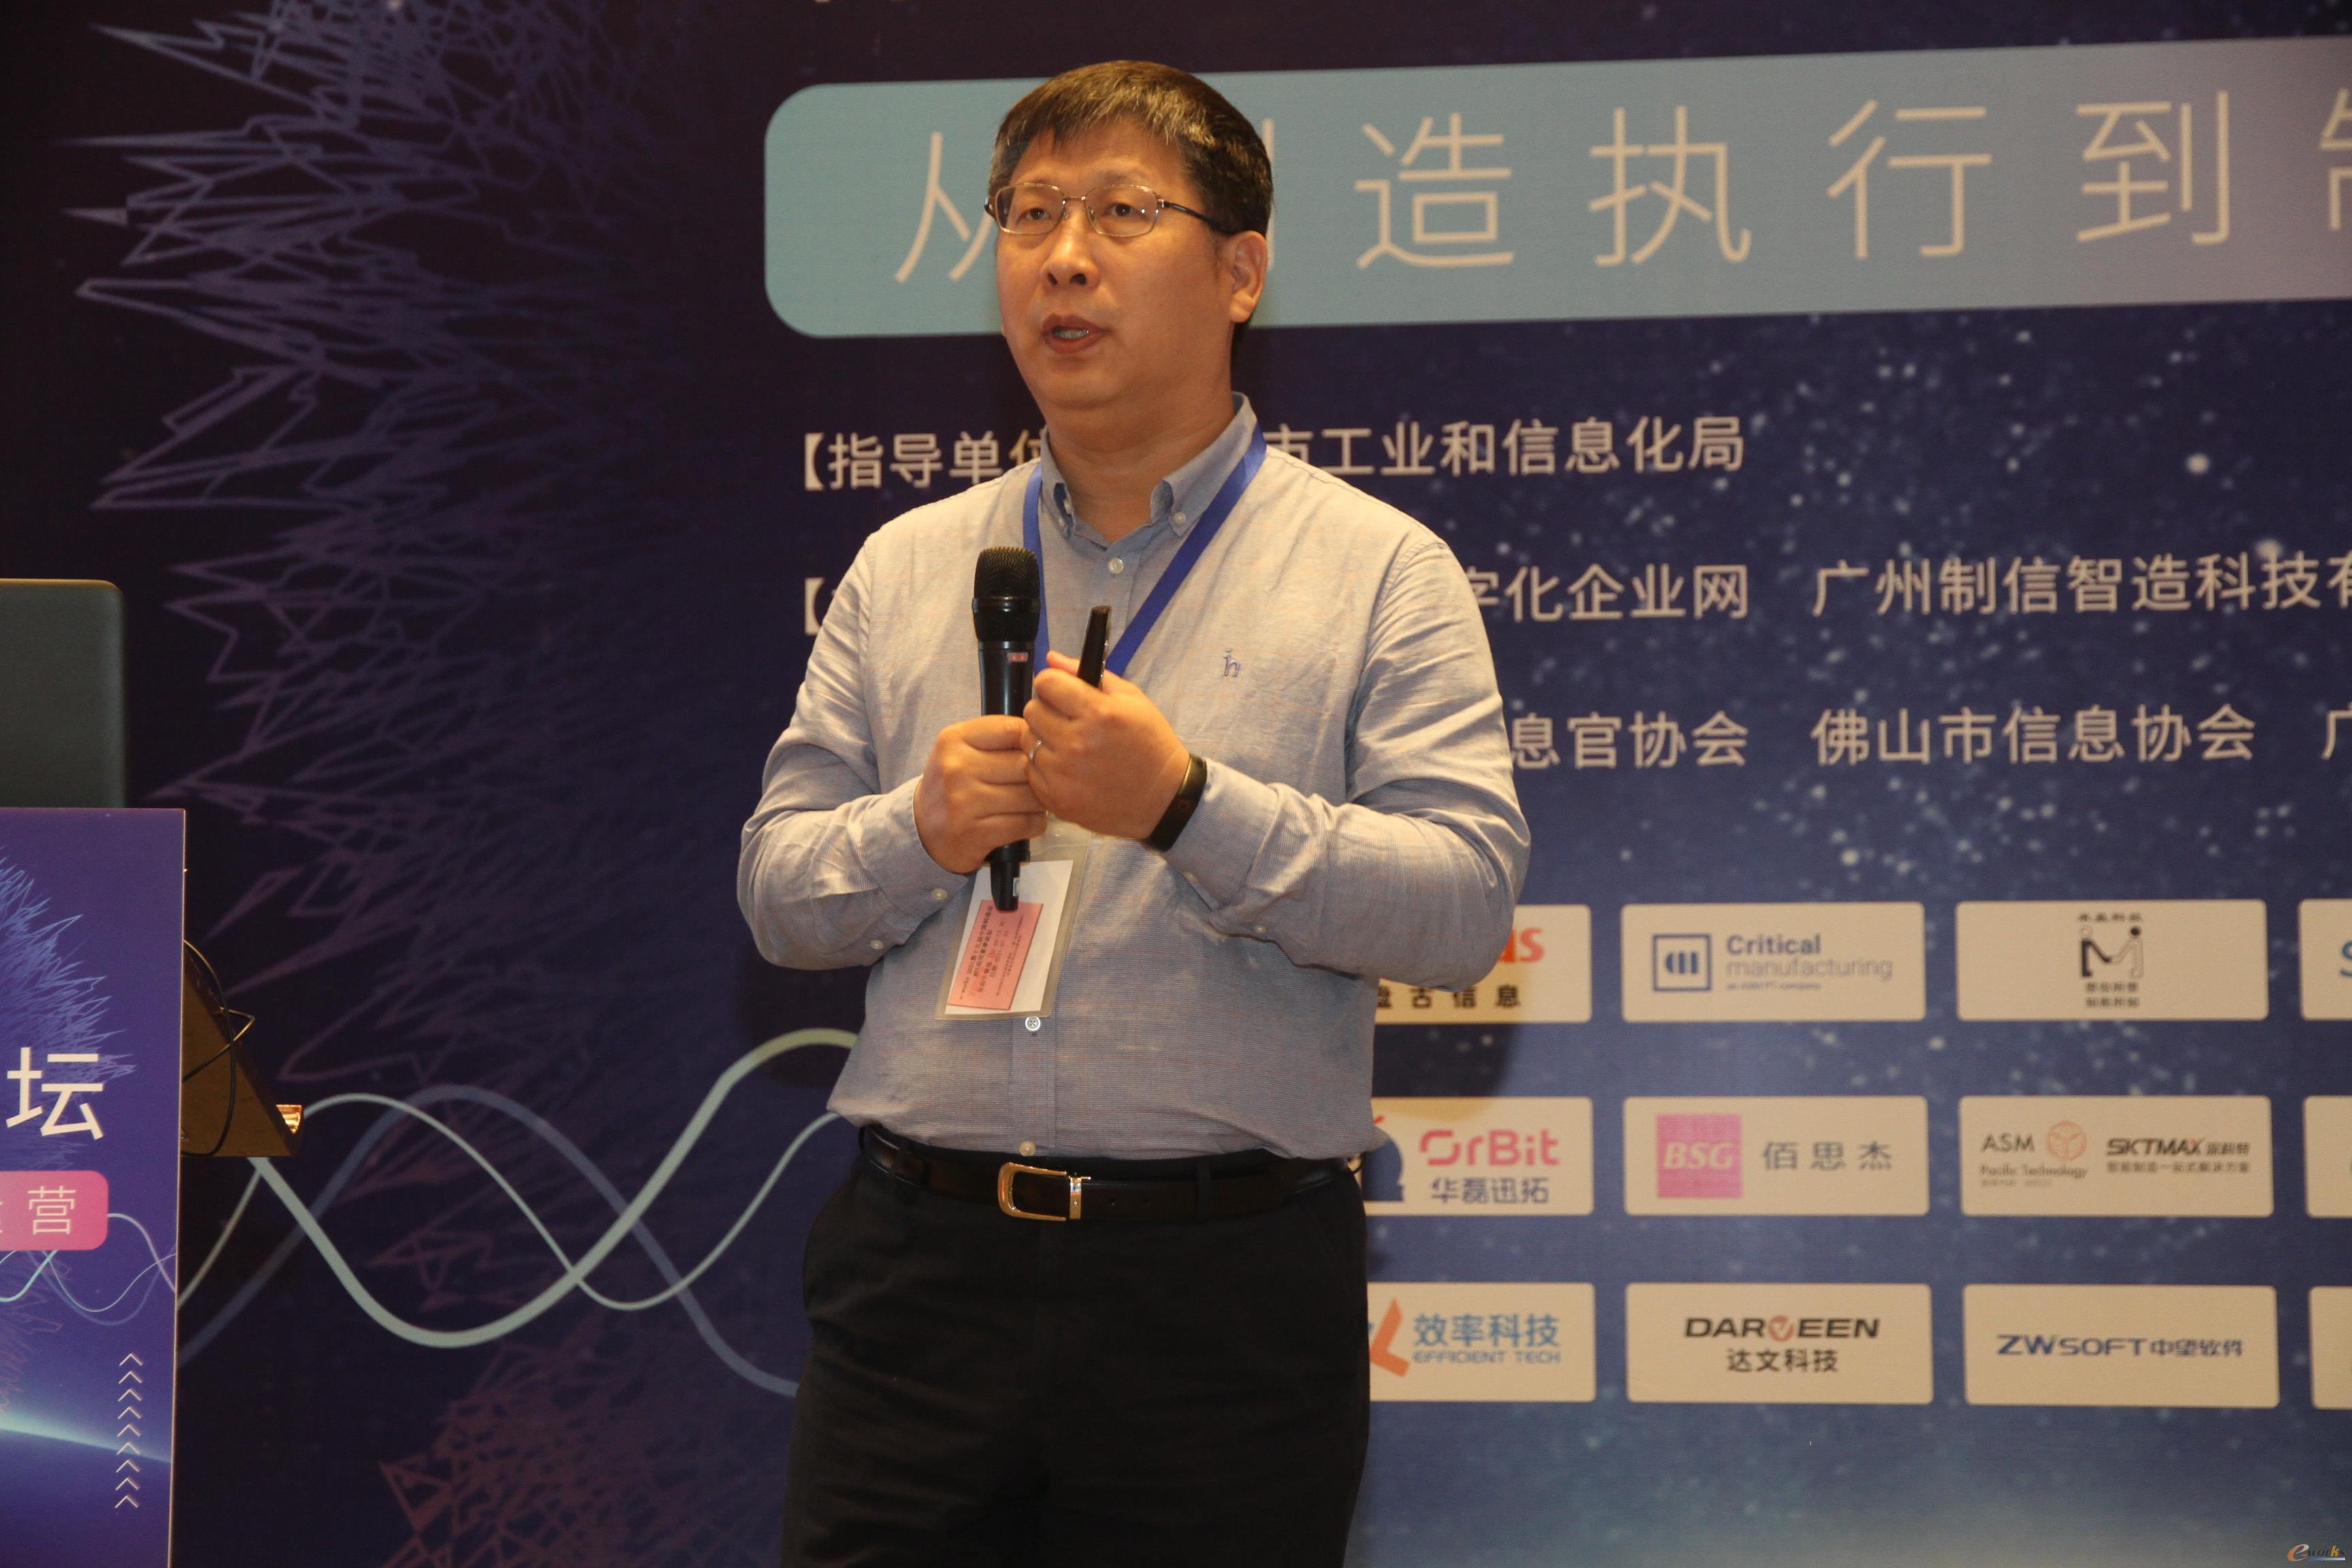 华润三九医药股份有限公司深蓝(智能制造)实验室执行主任包彦宇